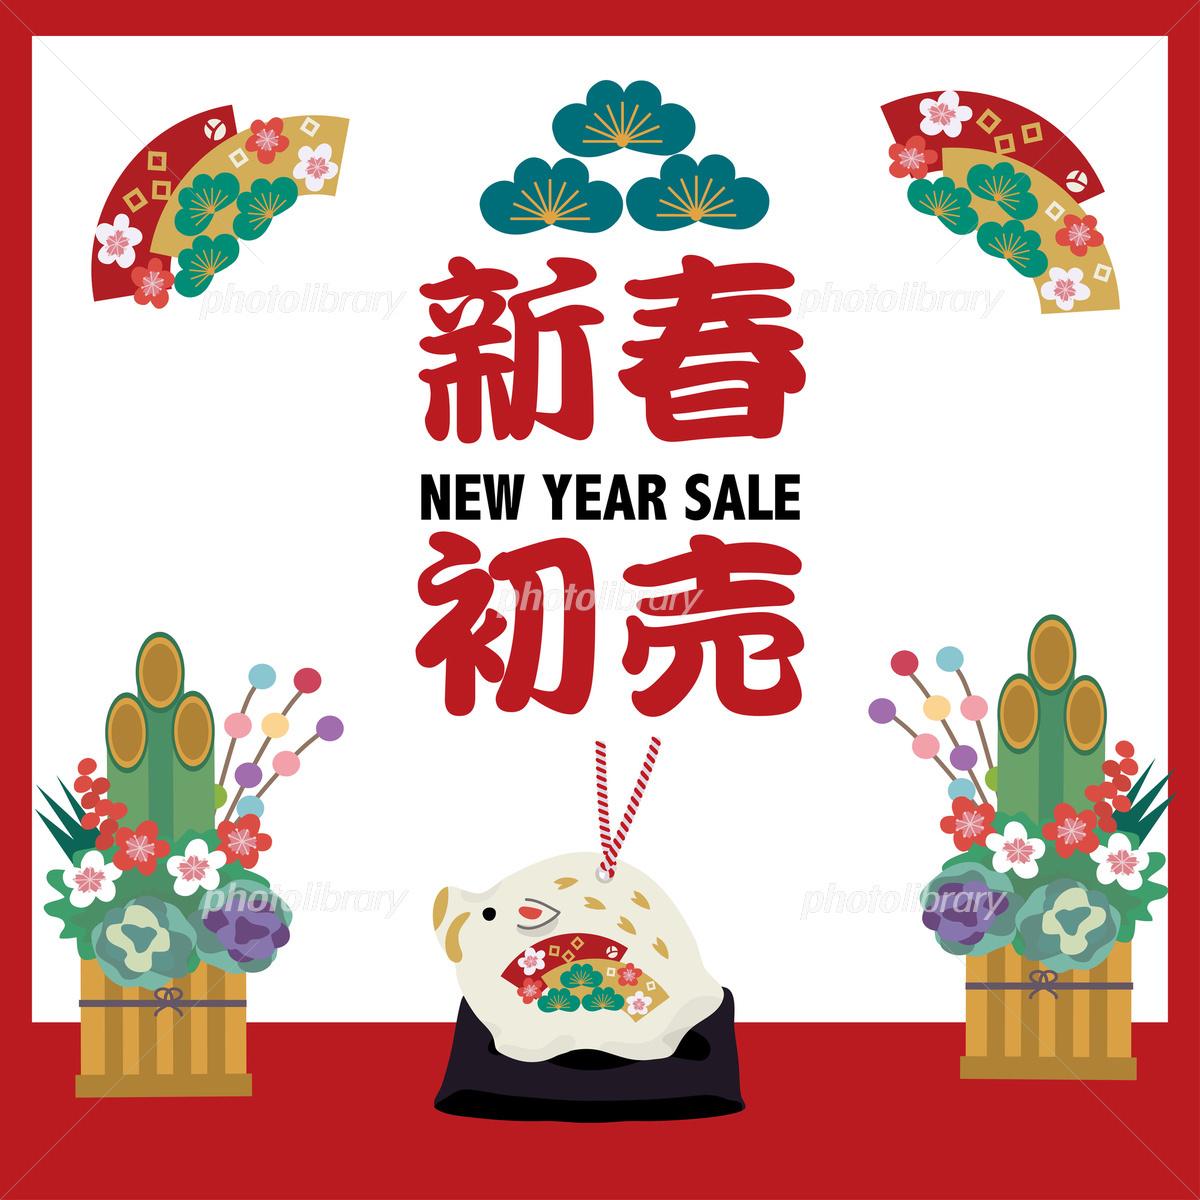 12月28日(土)TOMMYBASEブログ☆1月7日(火)より初売りセール開催✨レクサス♬クラウン🎶フーガ♬スバル限定車🎶レガシィ♬フォレスター🎶希少車_b0127002_14211003.jpg